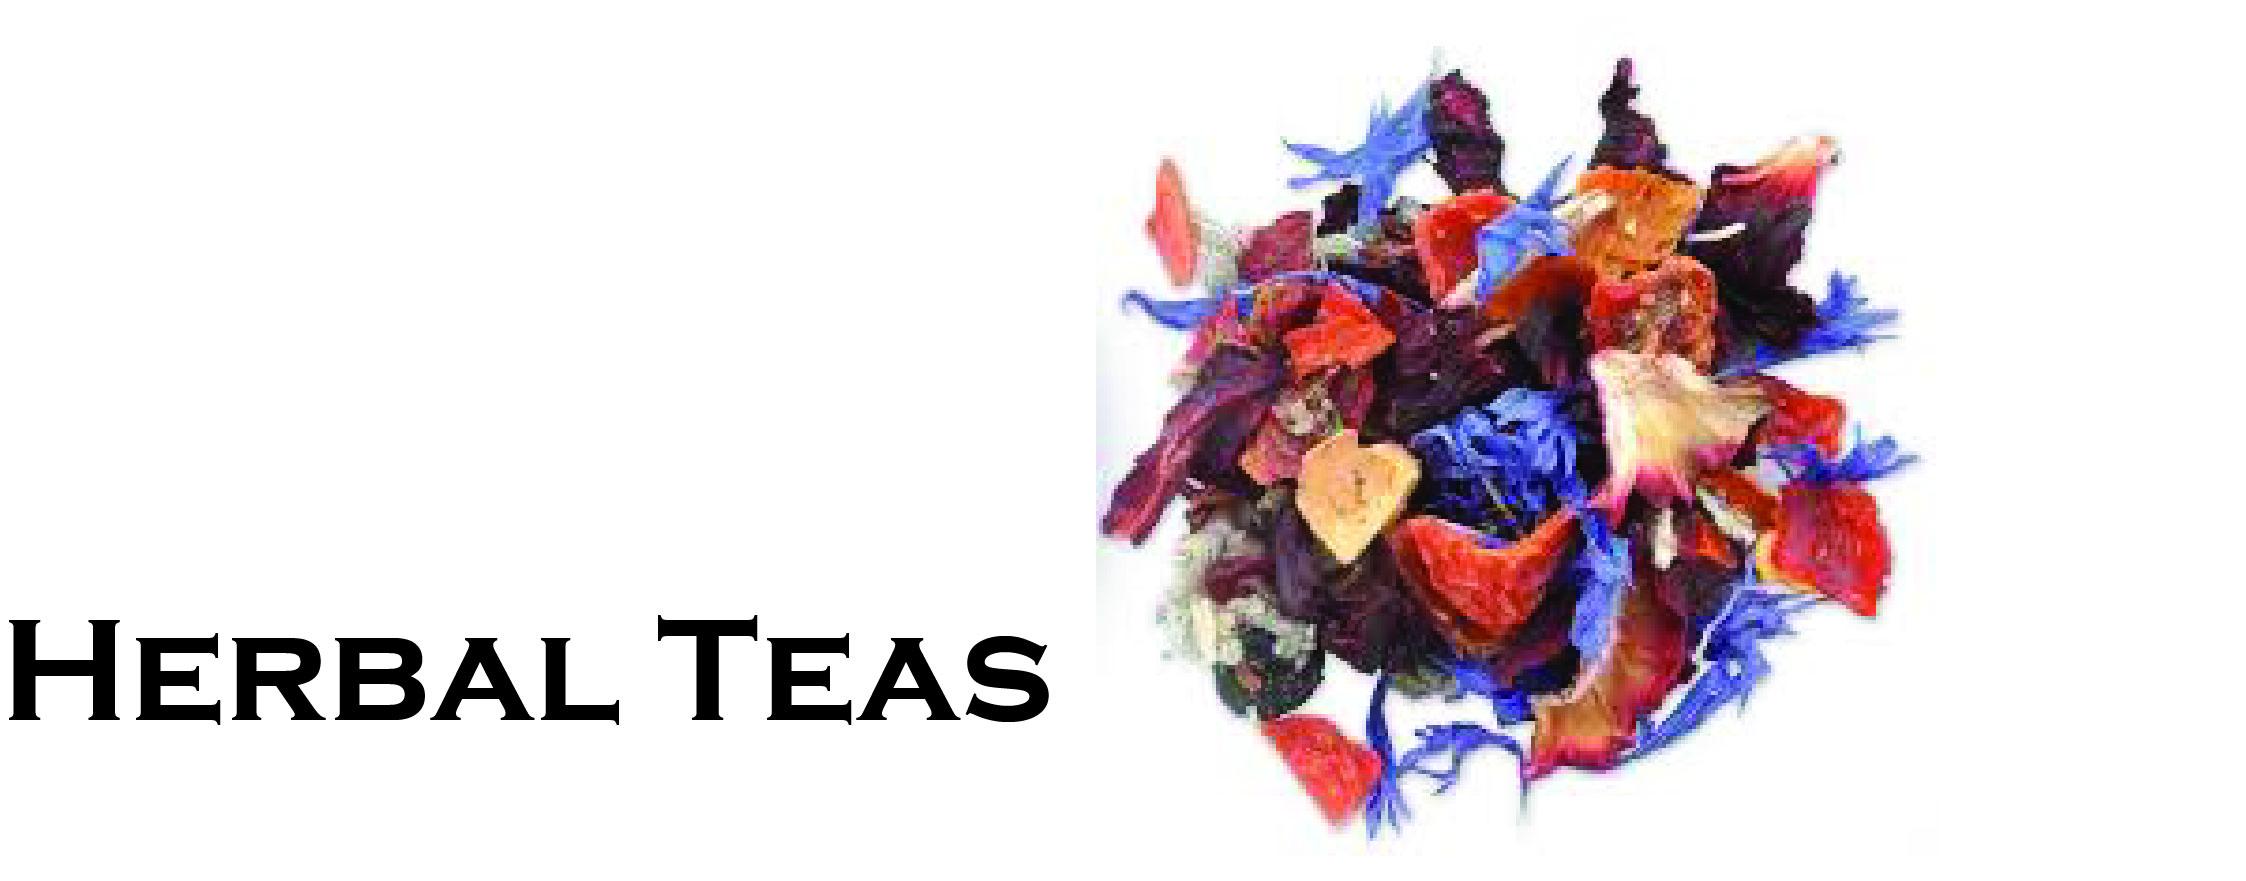 Cuban Brothers Premium Herbal Tea